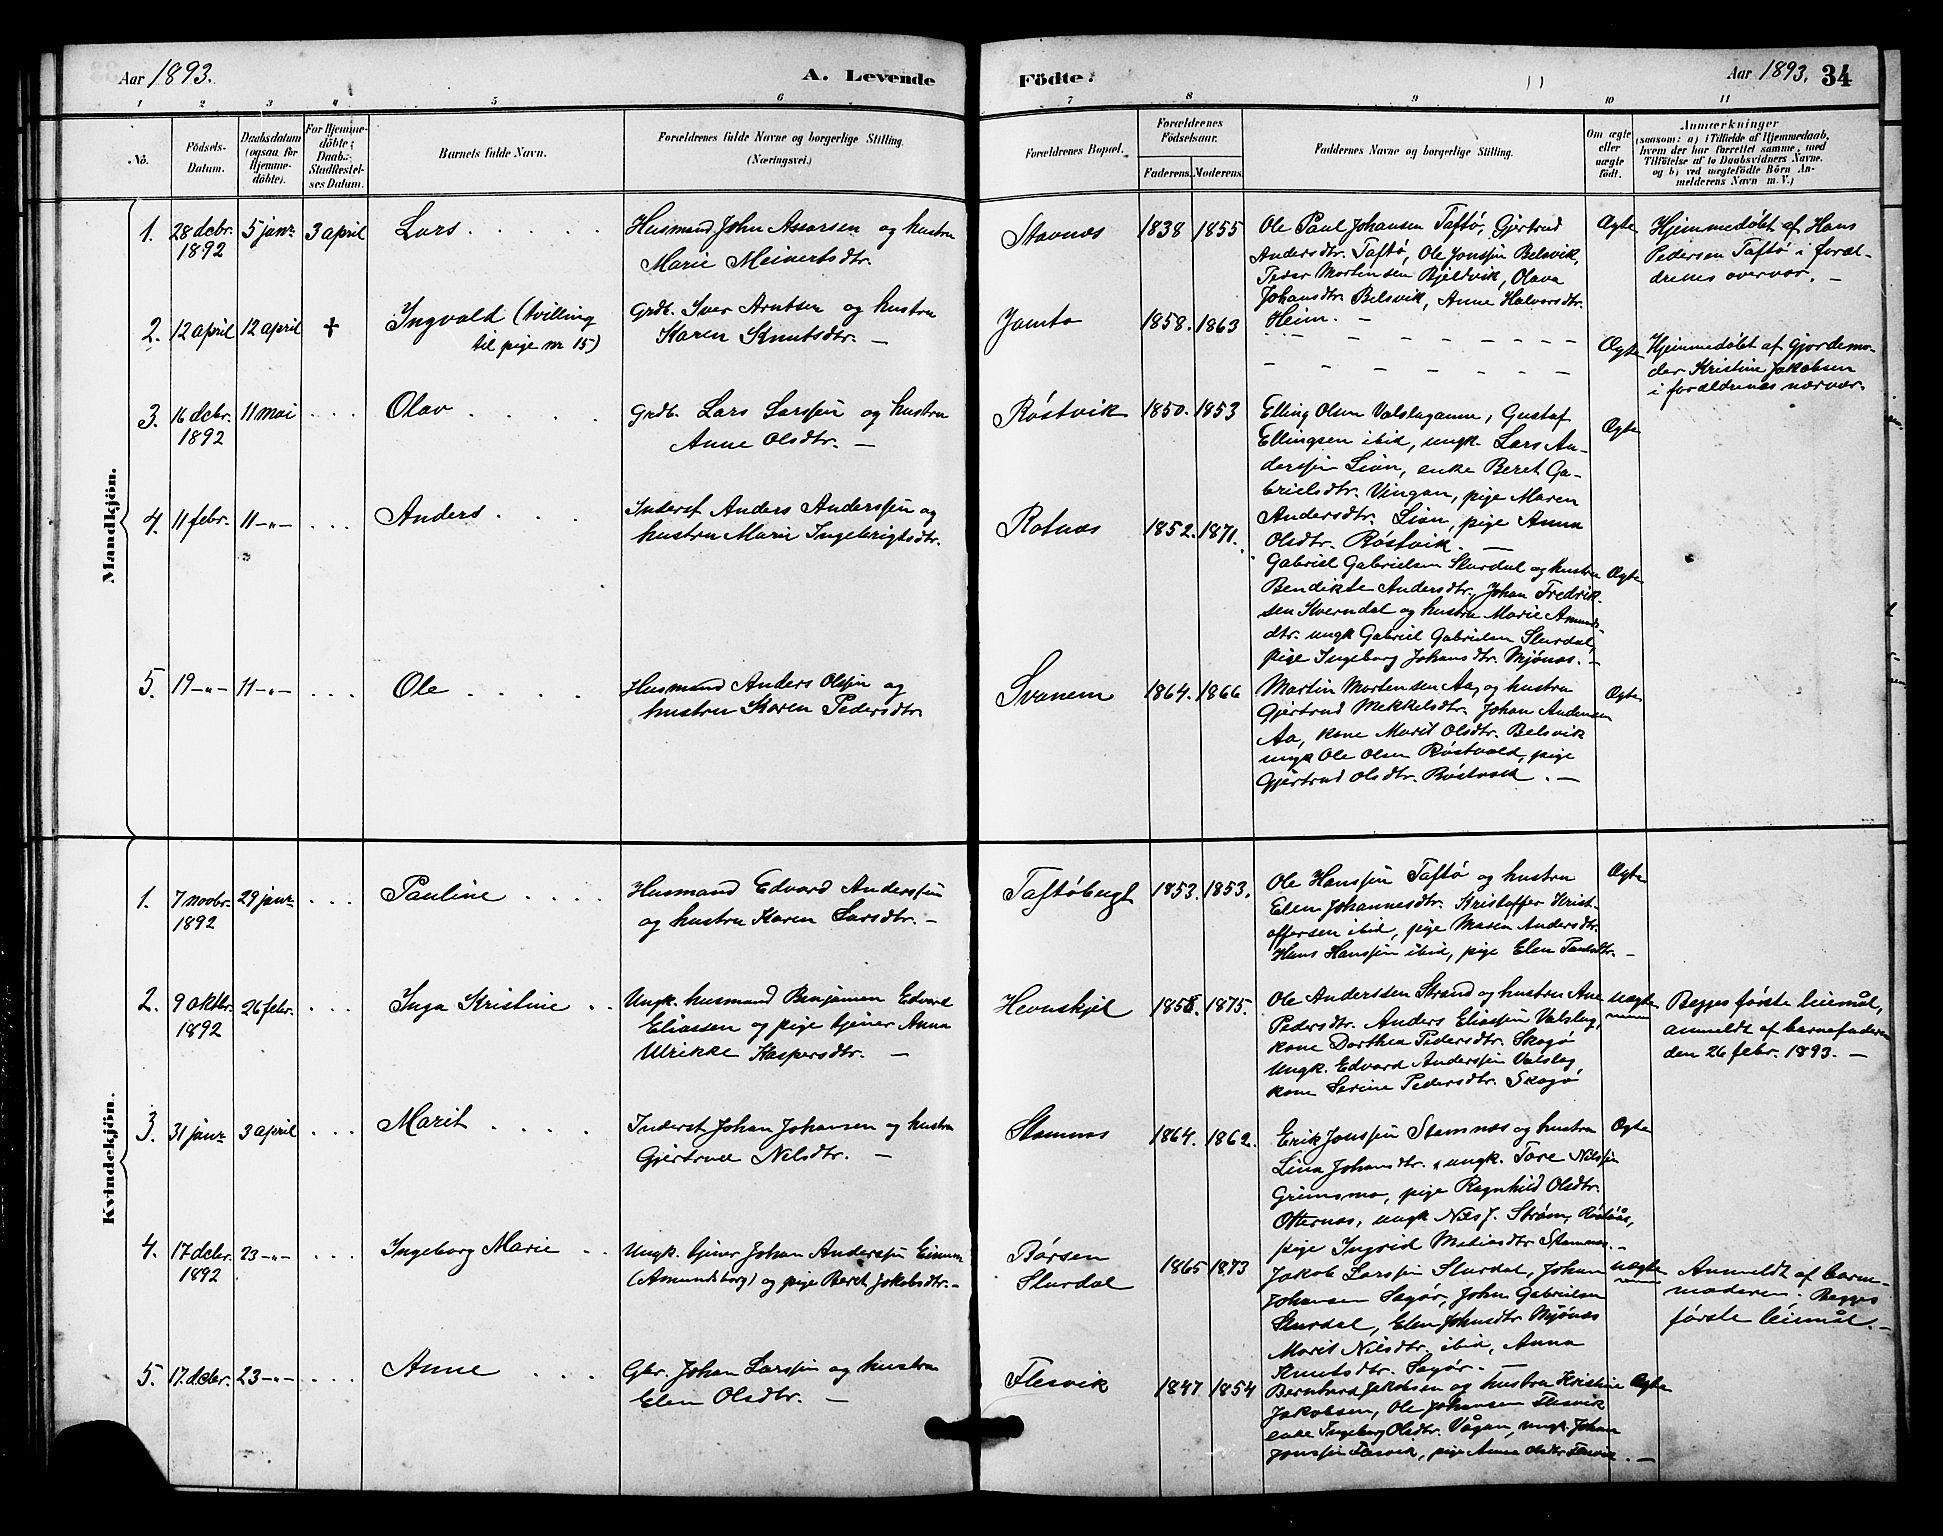 SAT, Ministerialprotokoller, klokkerbøker og fødselsregistre - Sør-Trøndelag, 633/L0519: Klokkerbok nr. 633C01, 1884-1905, s. 34